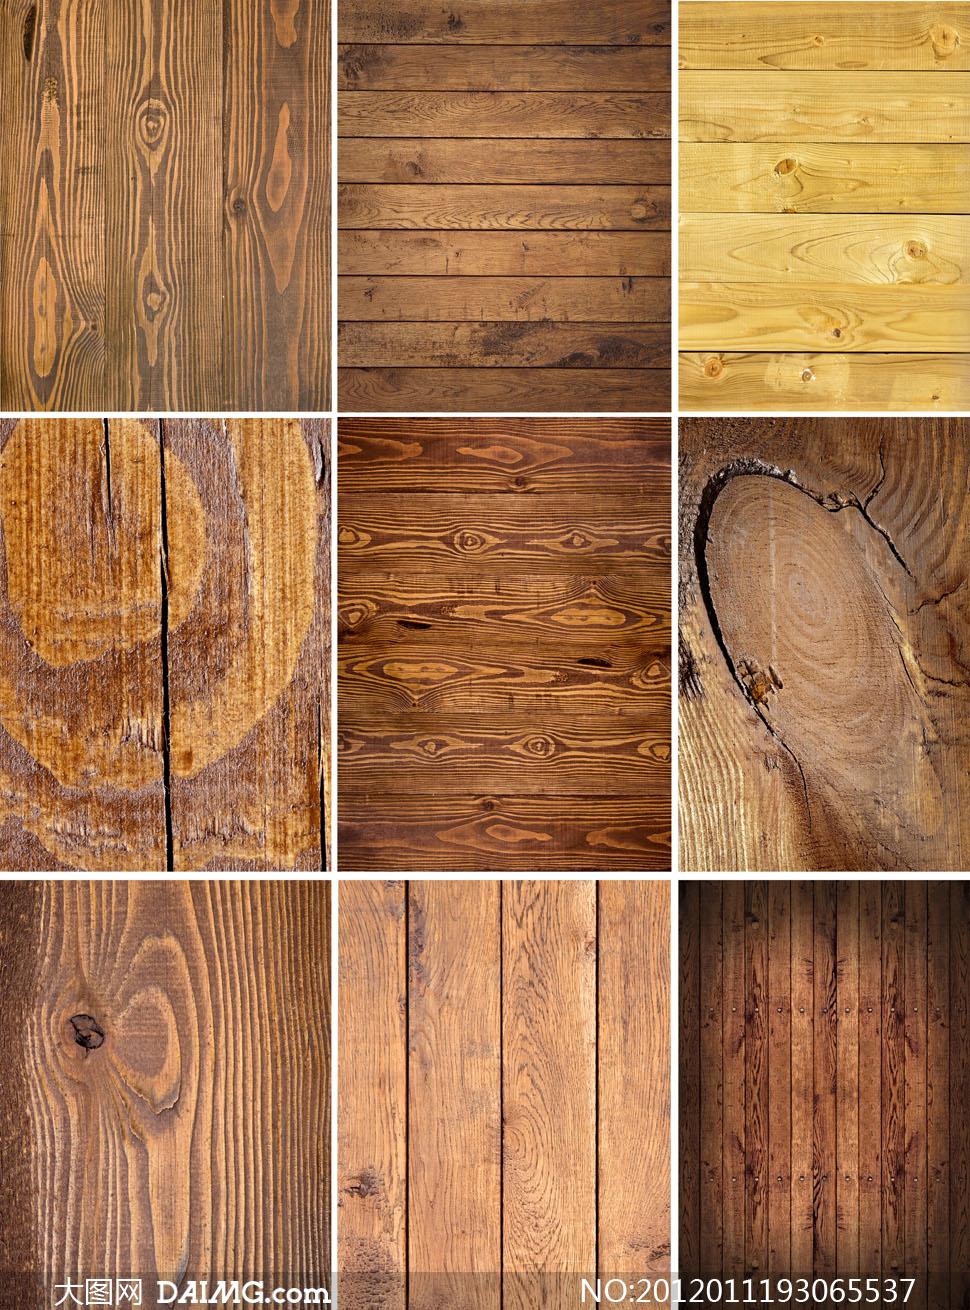 关键词: 高清大图素材摄影图片木纹木板木质材质贴图黄色棕色褐色